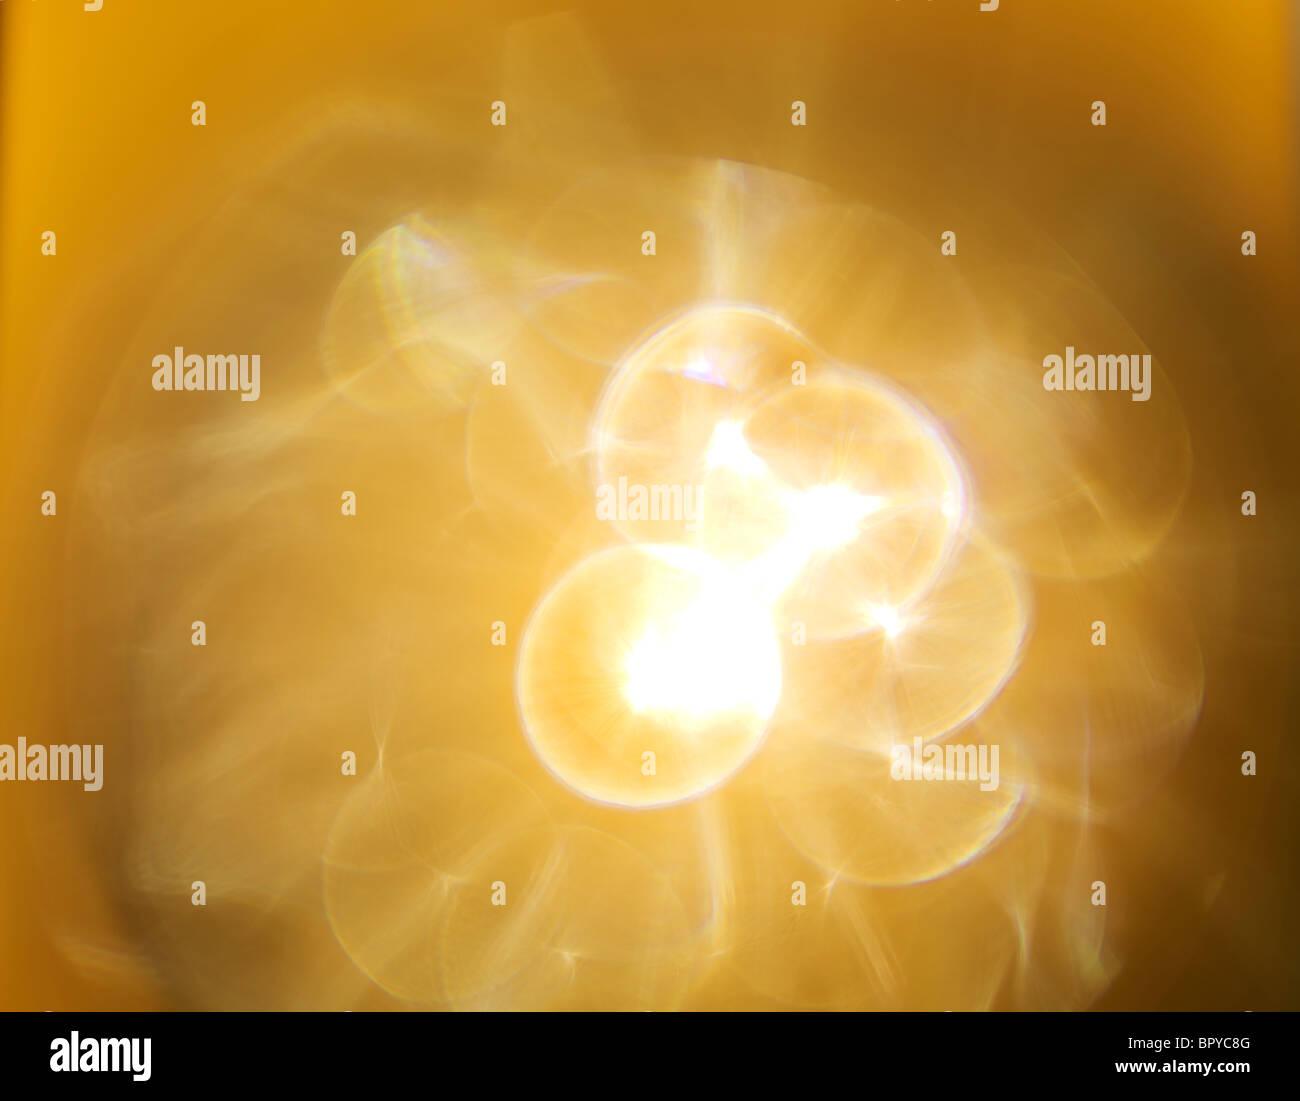 Lens flare star light burst jaune qui crée le sentiment nébuleux Photo Stock